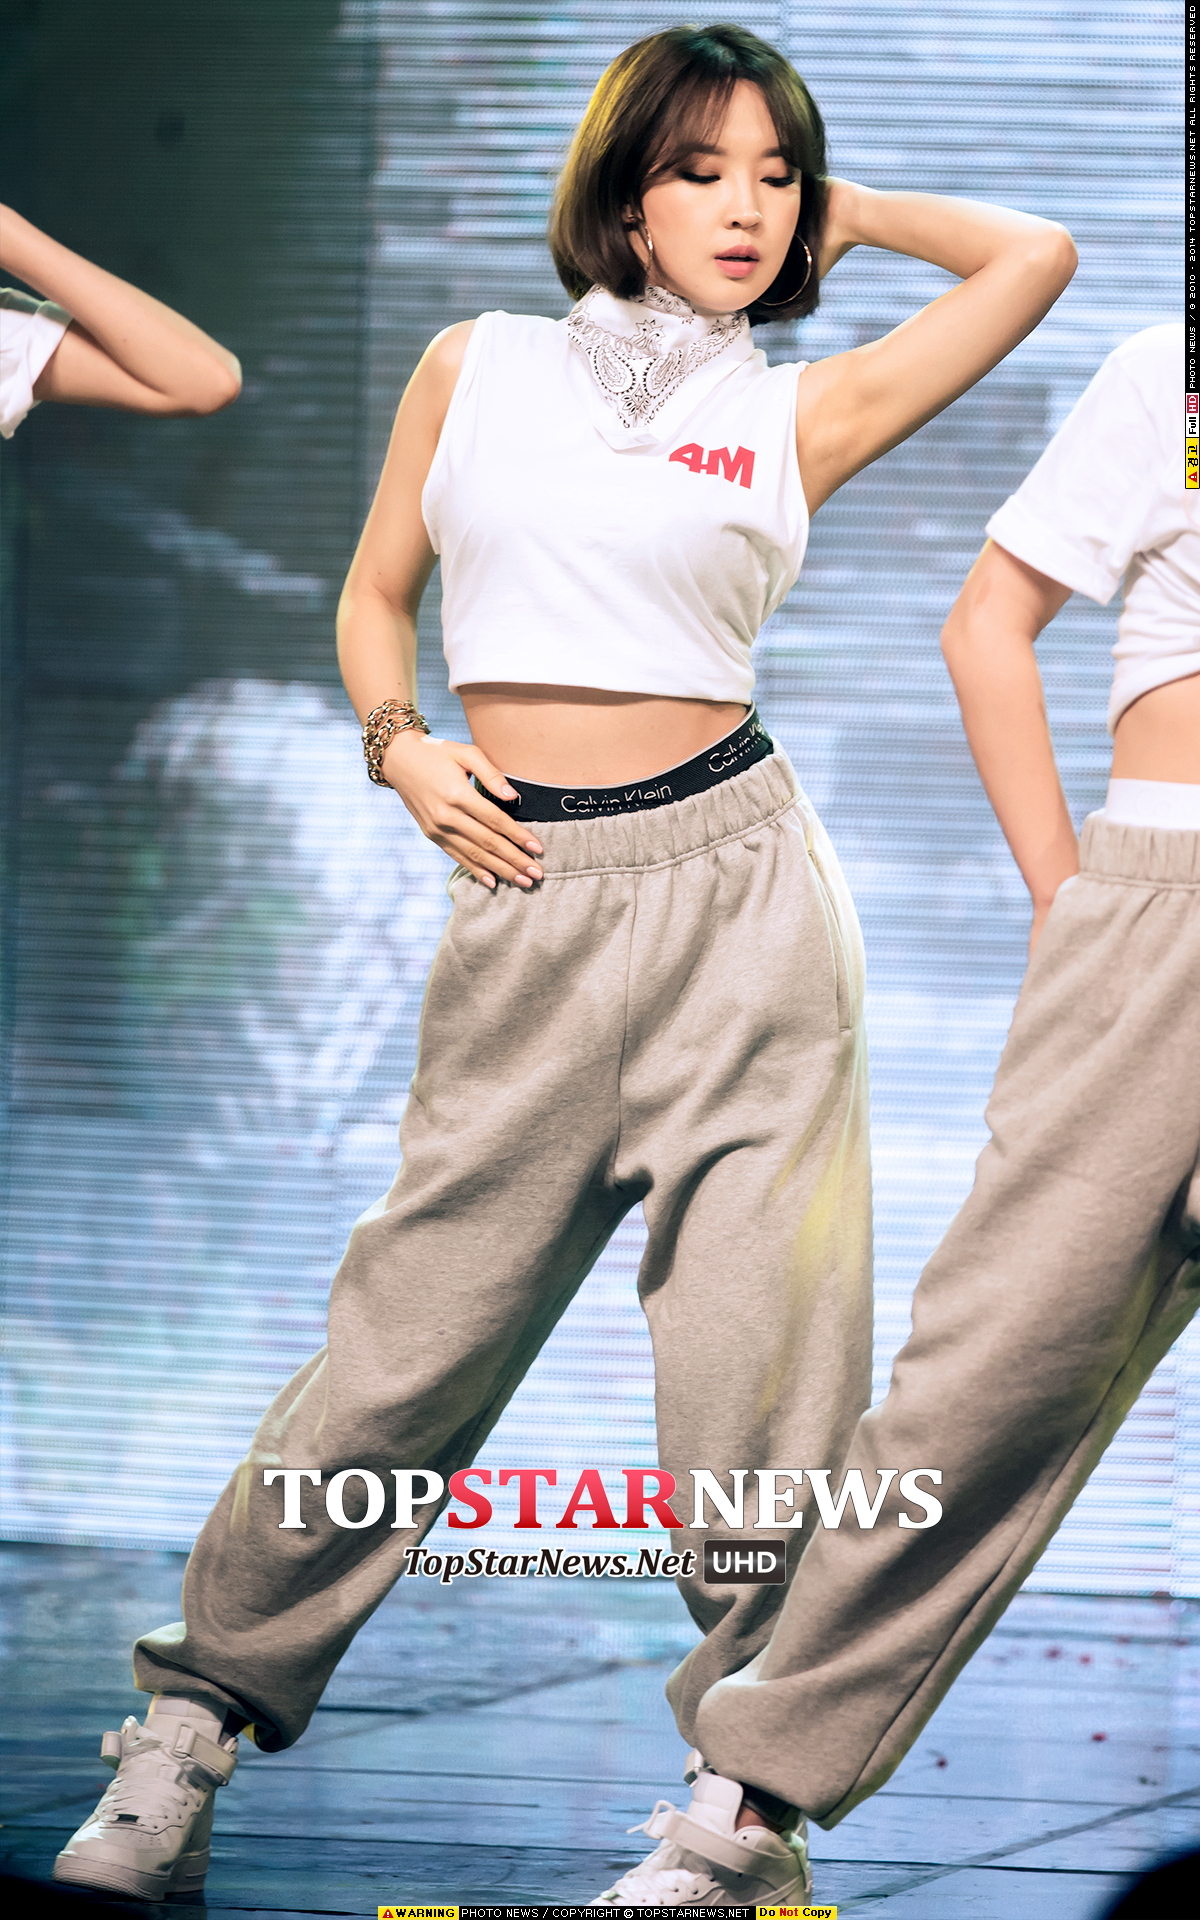 韓國網友們說祉潤也擁有不輸給成員嘉允的時尚sense,在舞台上也總是展現氣勢驚人的氣魄! 雖然在舞台上經常看見她充滿爆發力又帥氣的模樣…